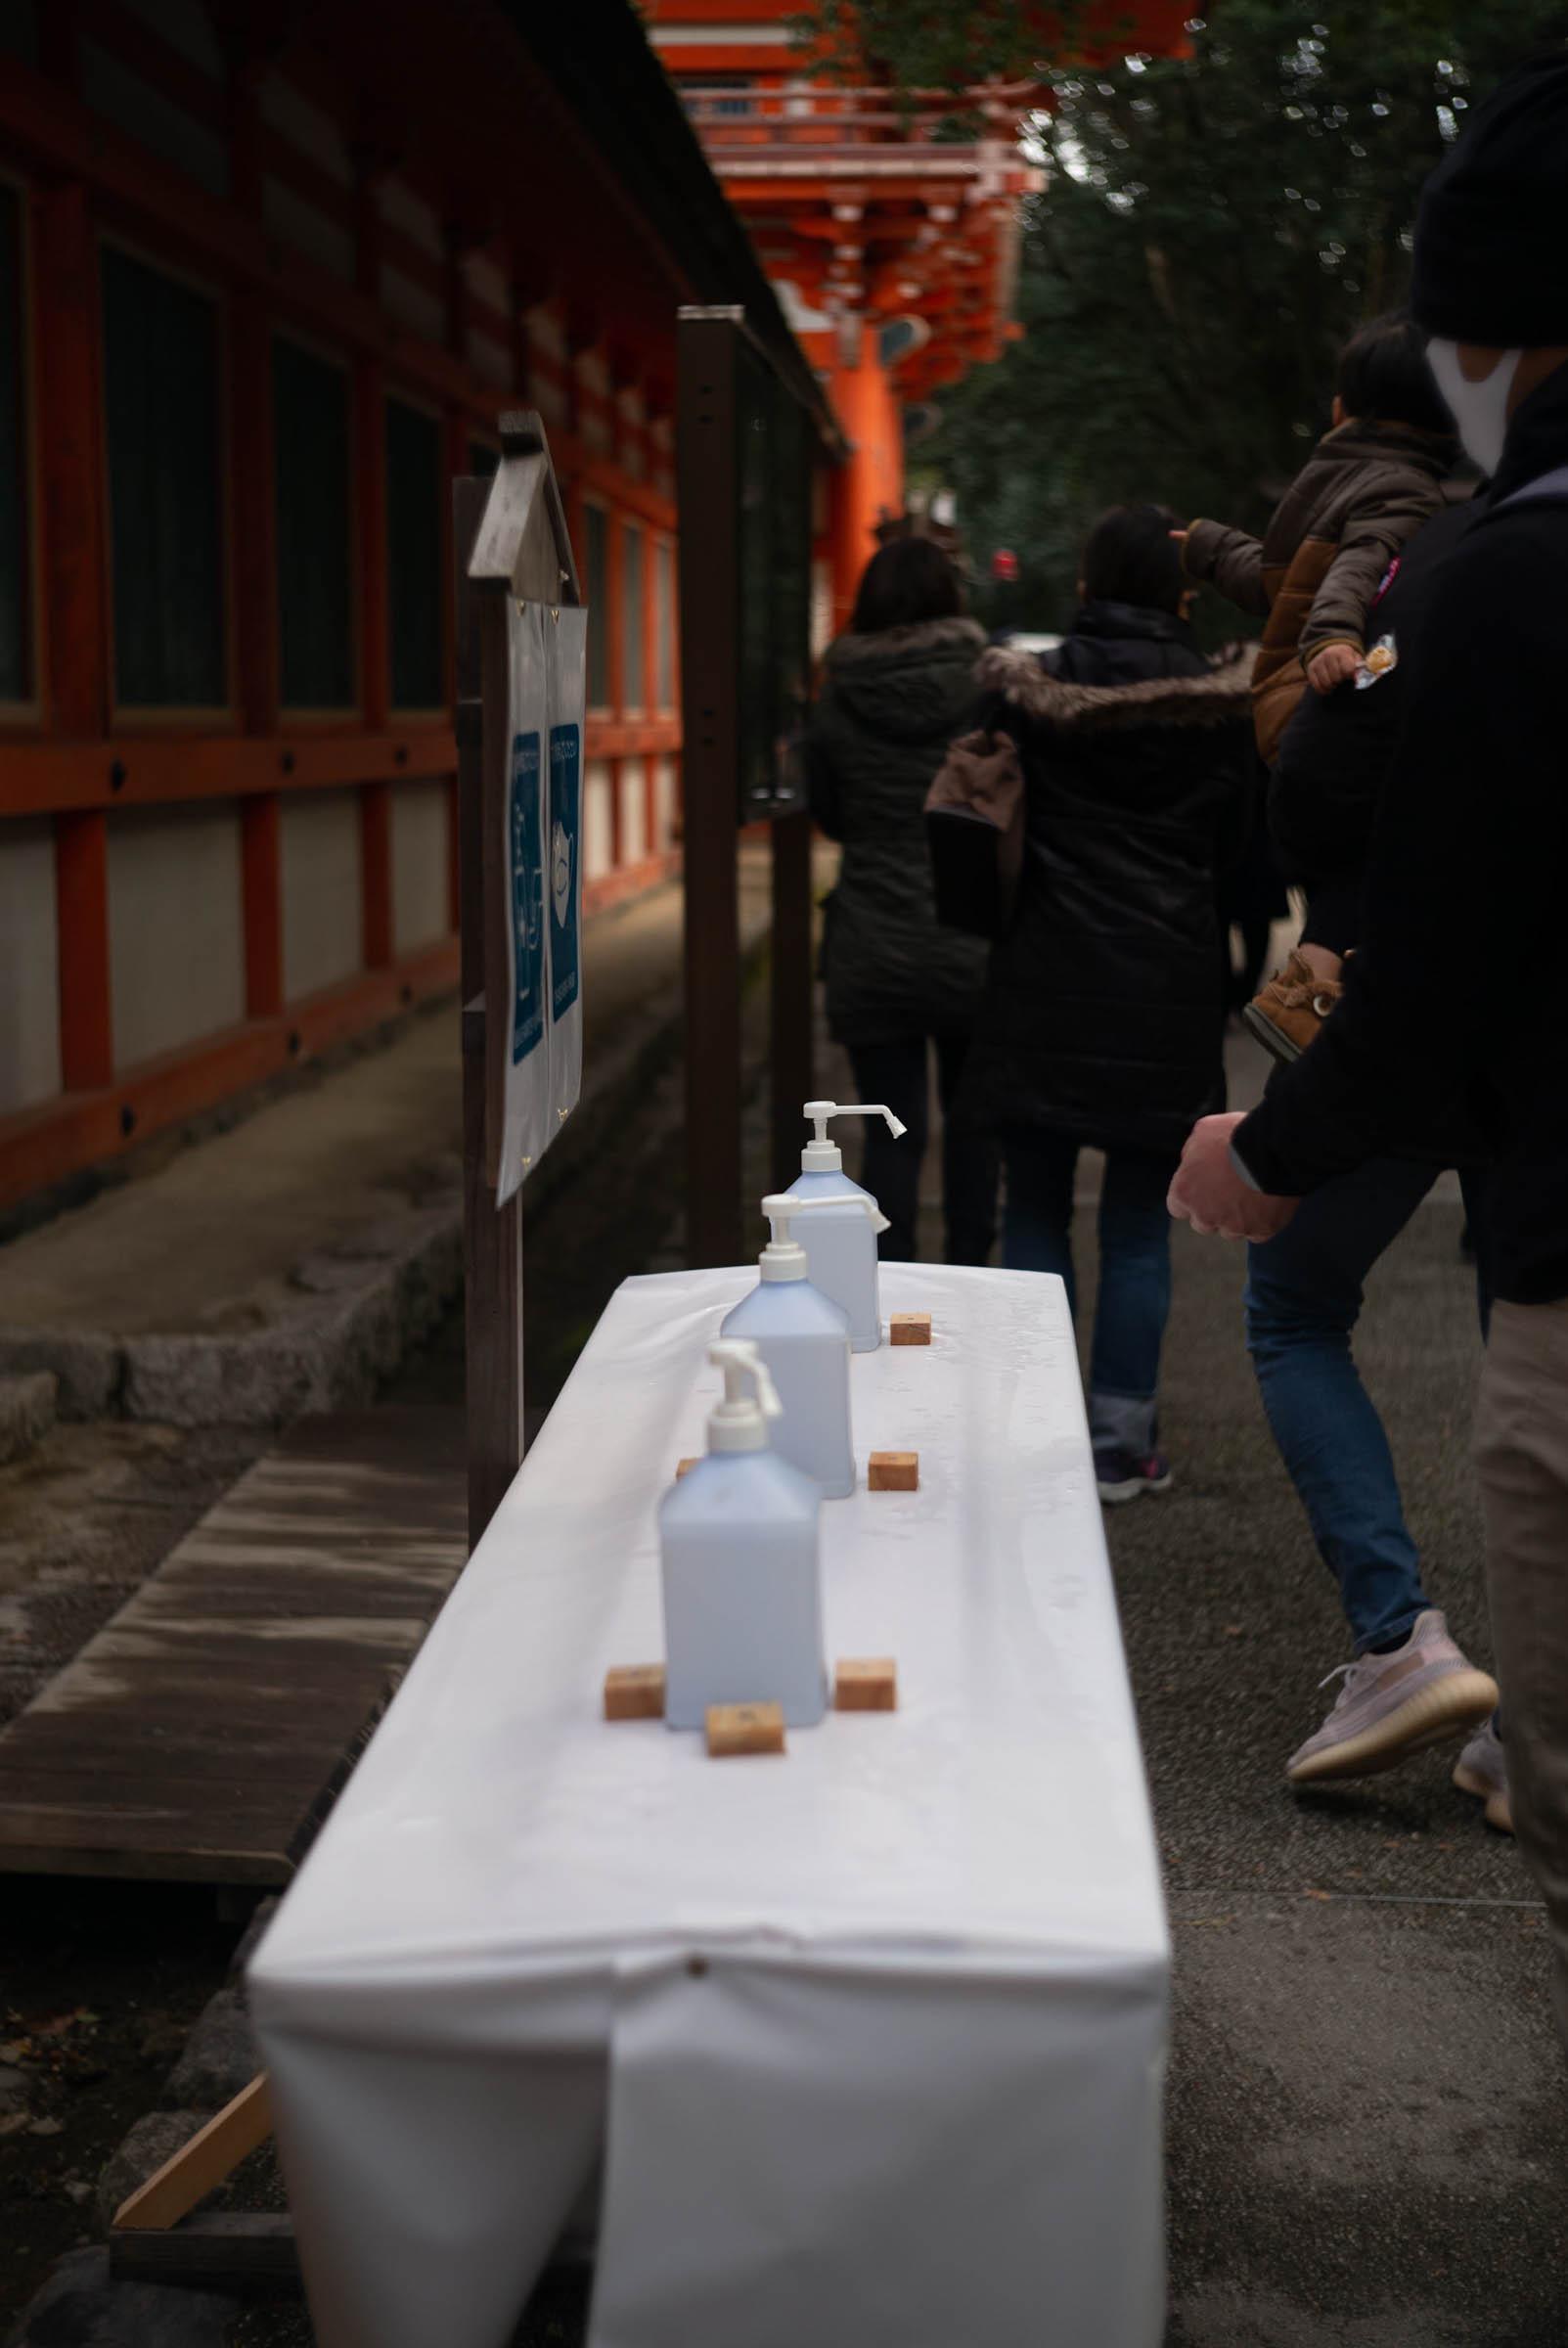 下鴨神社に設置されたアルコール消毒